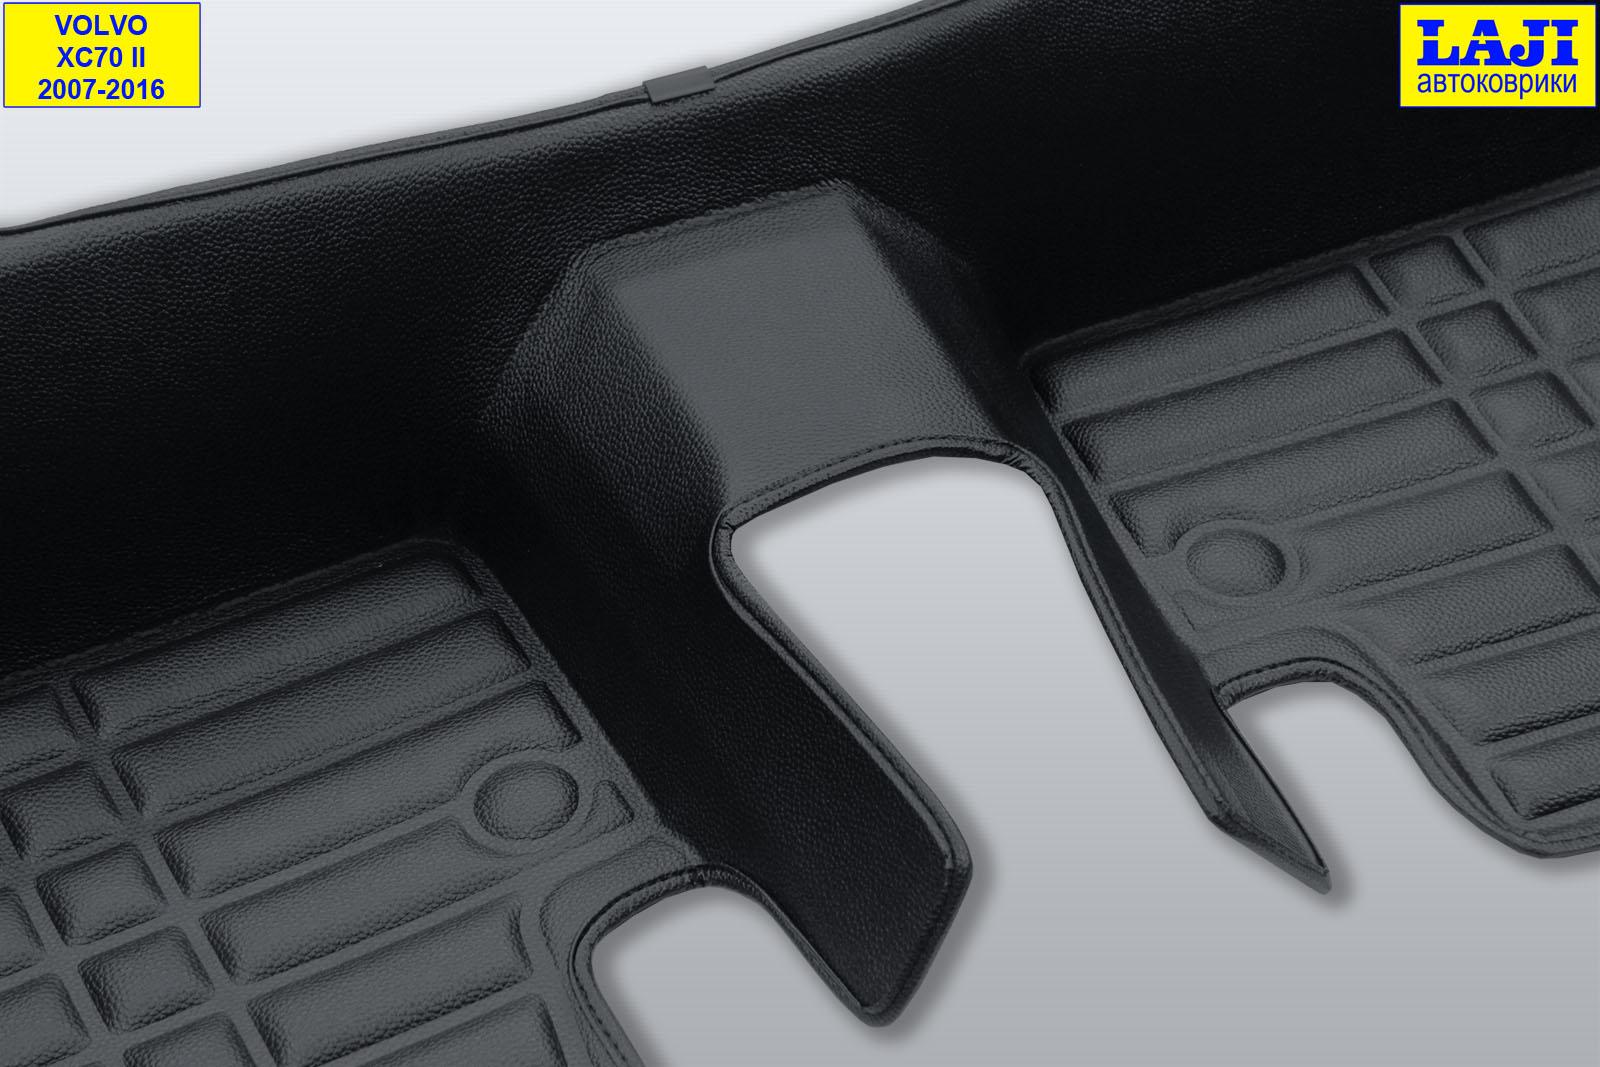 5D коврики в салон Volvo XC70 II 2007-2016 10